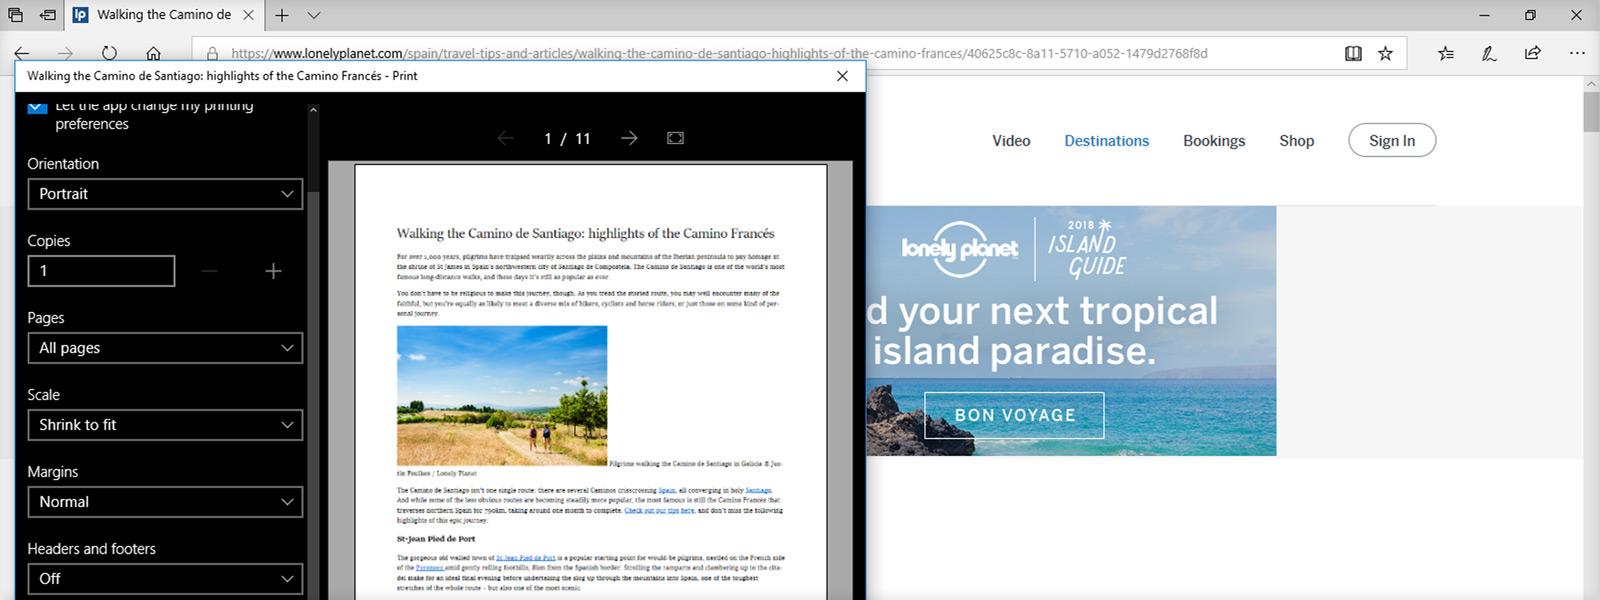 Slika na zaslonu, na kateri je prikazan predogled tiskanja v brskalniku Edge brez oglasov na izbrani spletni strani